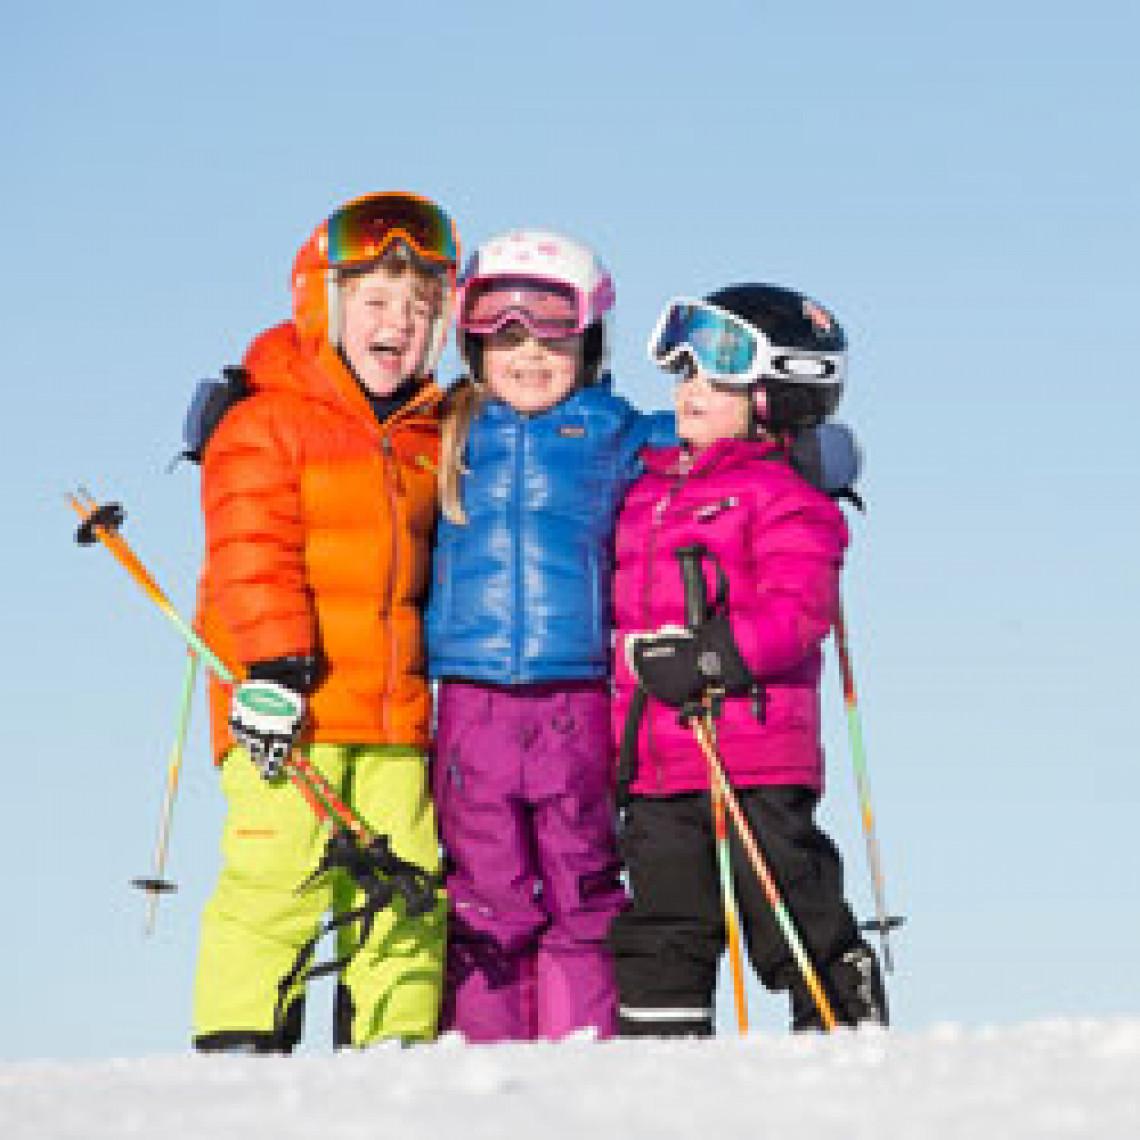 Børn i skiudstyr